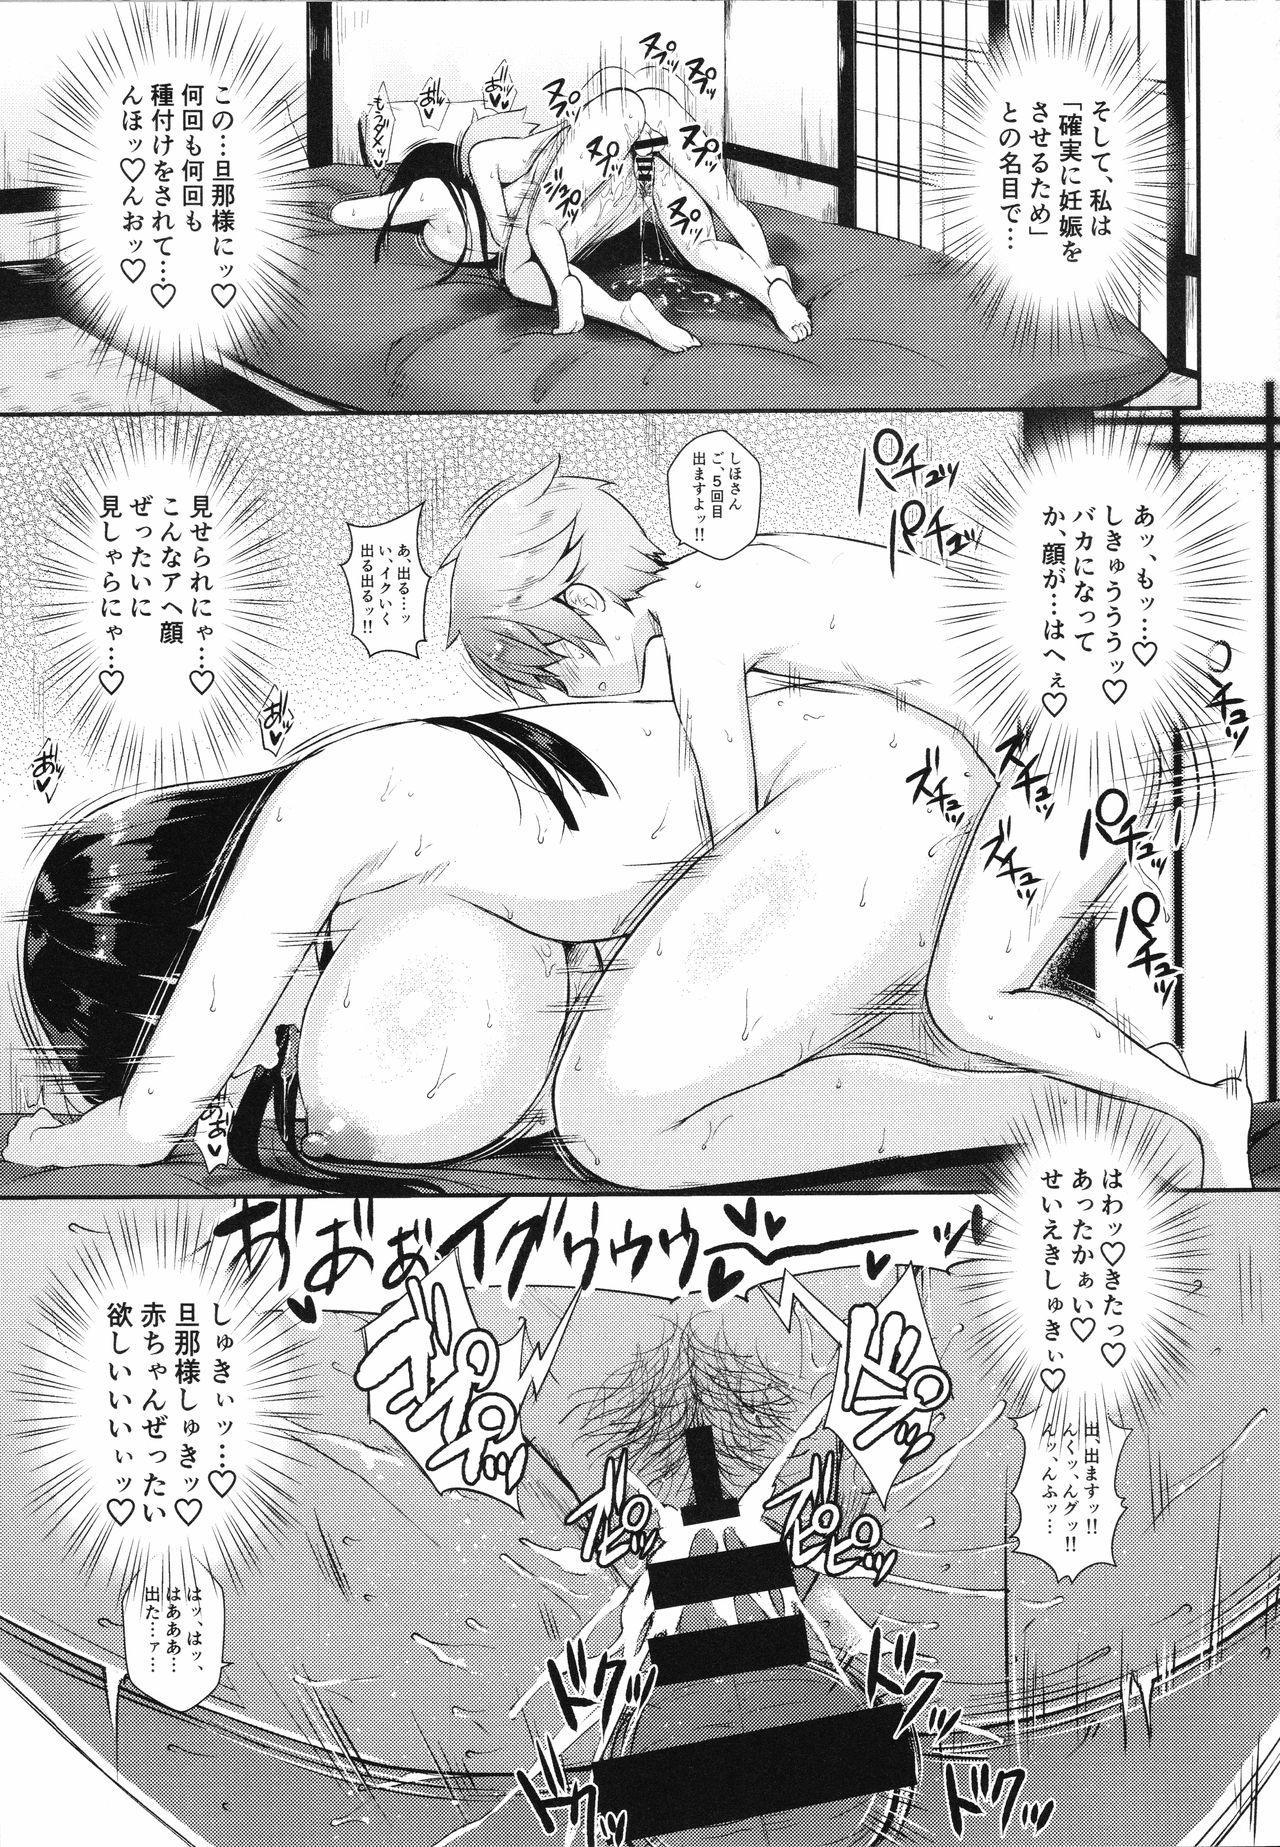 Nishizumi Shiho no Ninshin Keiyaku 9